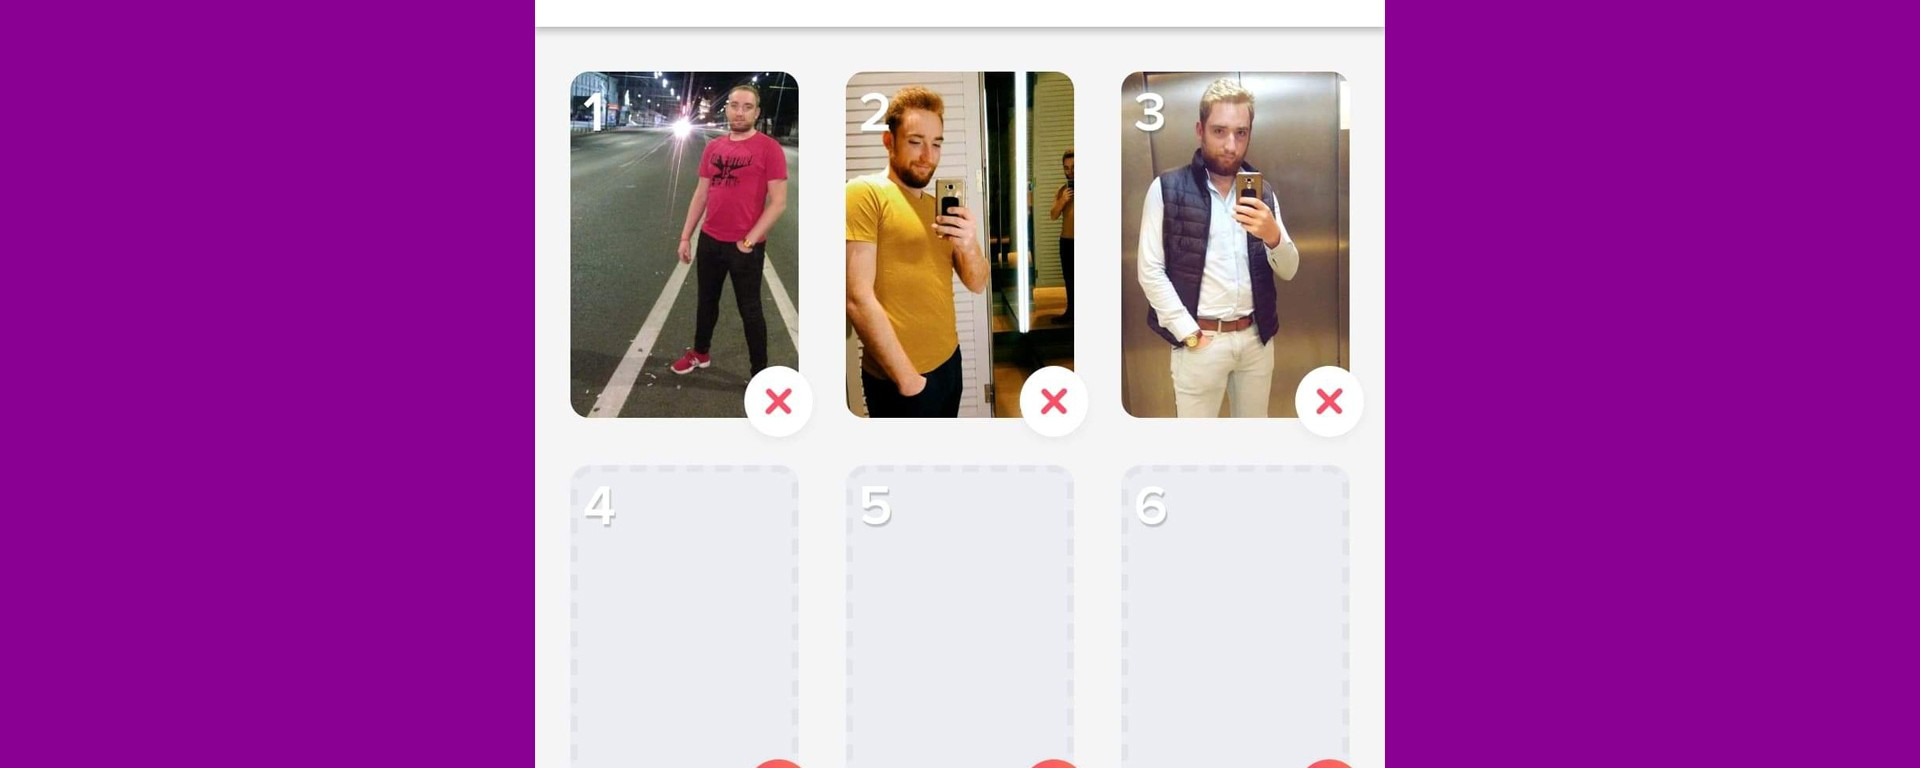 Impresiile mele despre Tinder – aplicatie de dating